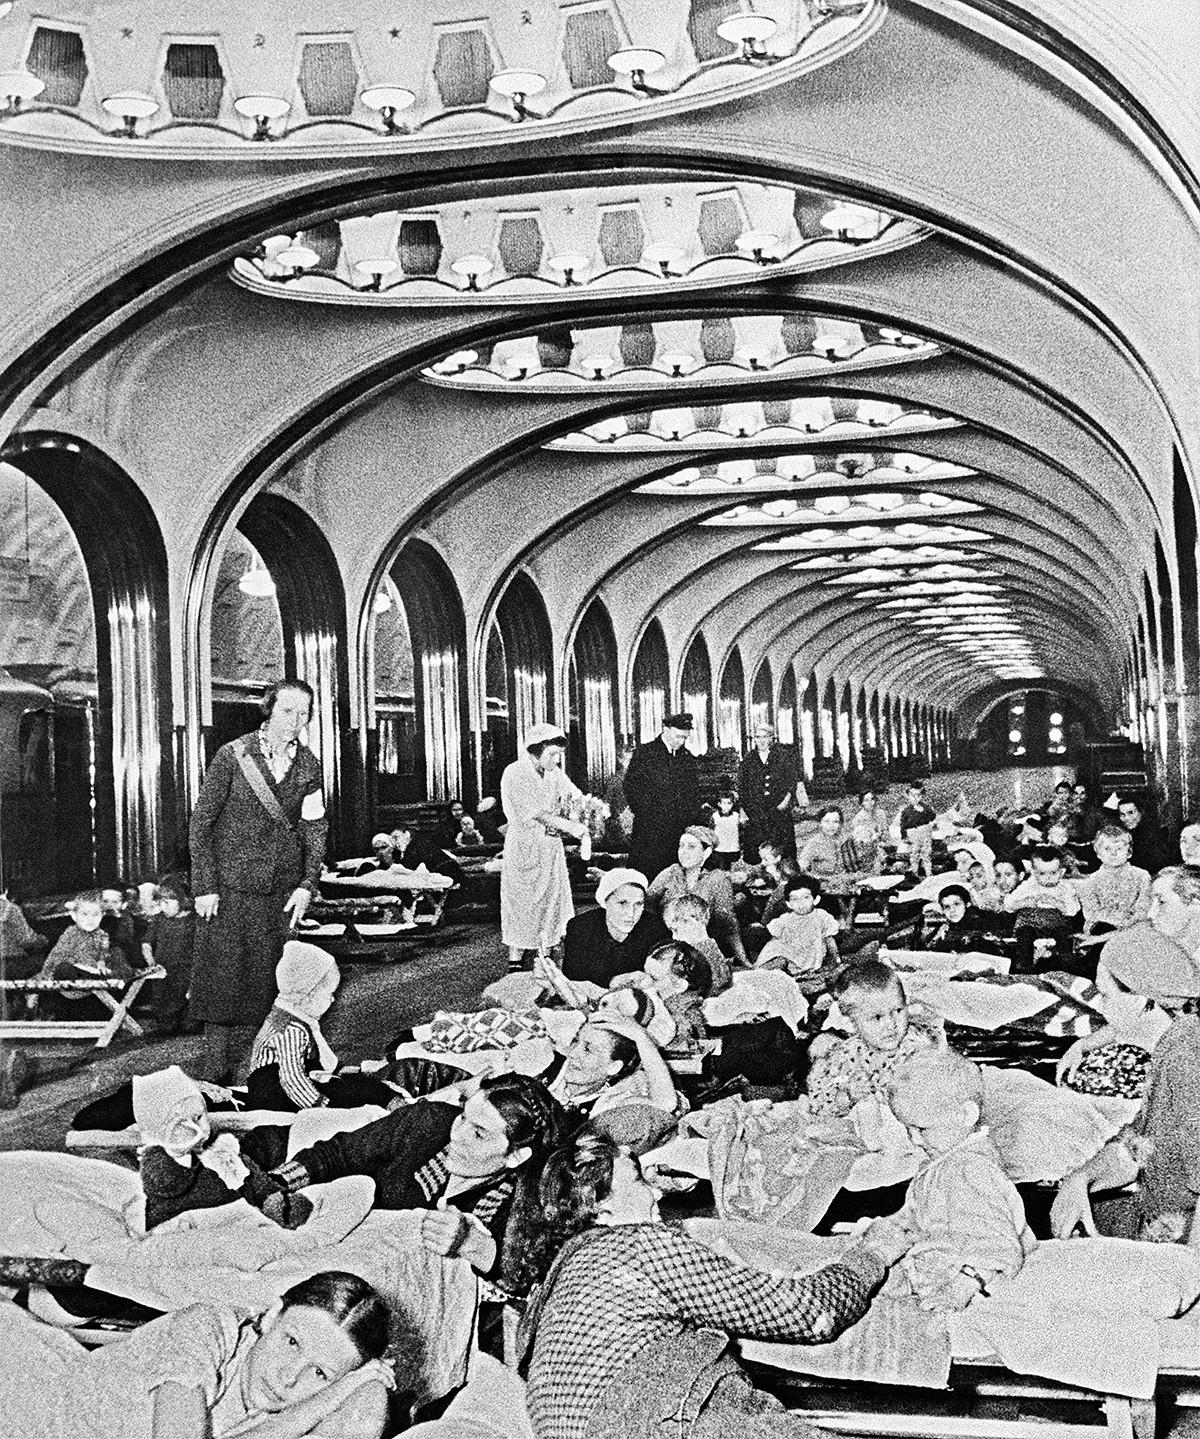 Estación de metro de Mayakovskaya, 1941